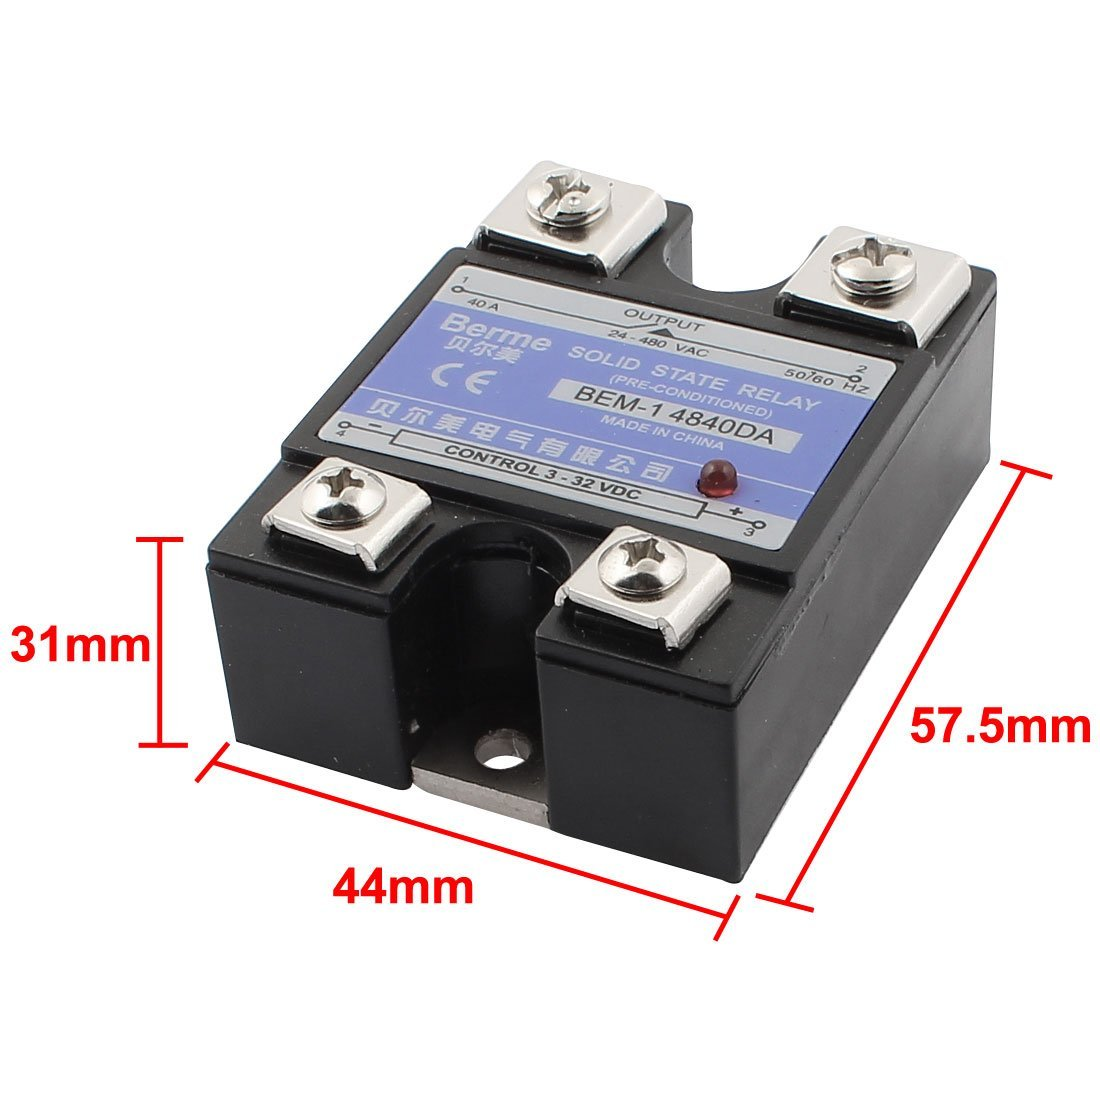 DealMux Solid State Relay Module, BEM-1 4840DA DC-AC 40A 3-32VDC / 24-480VAC